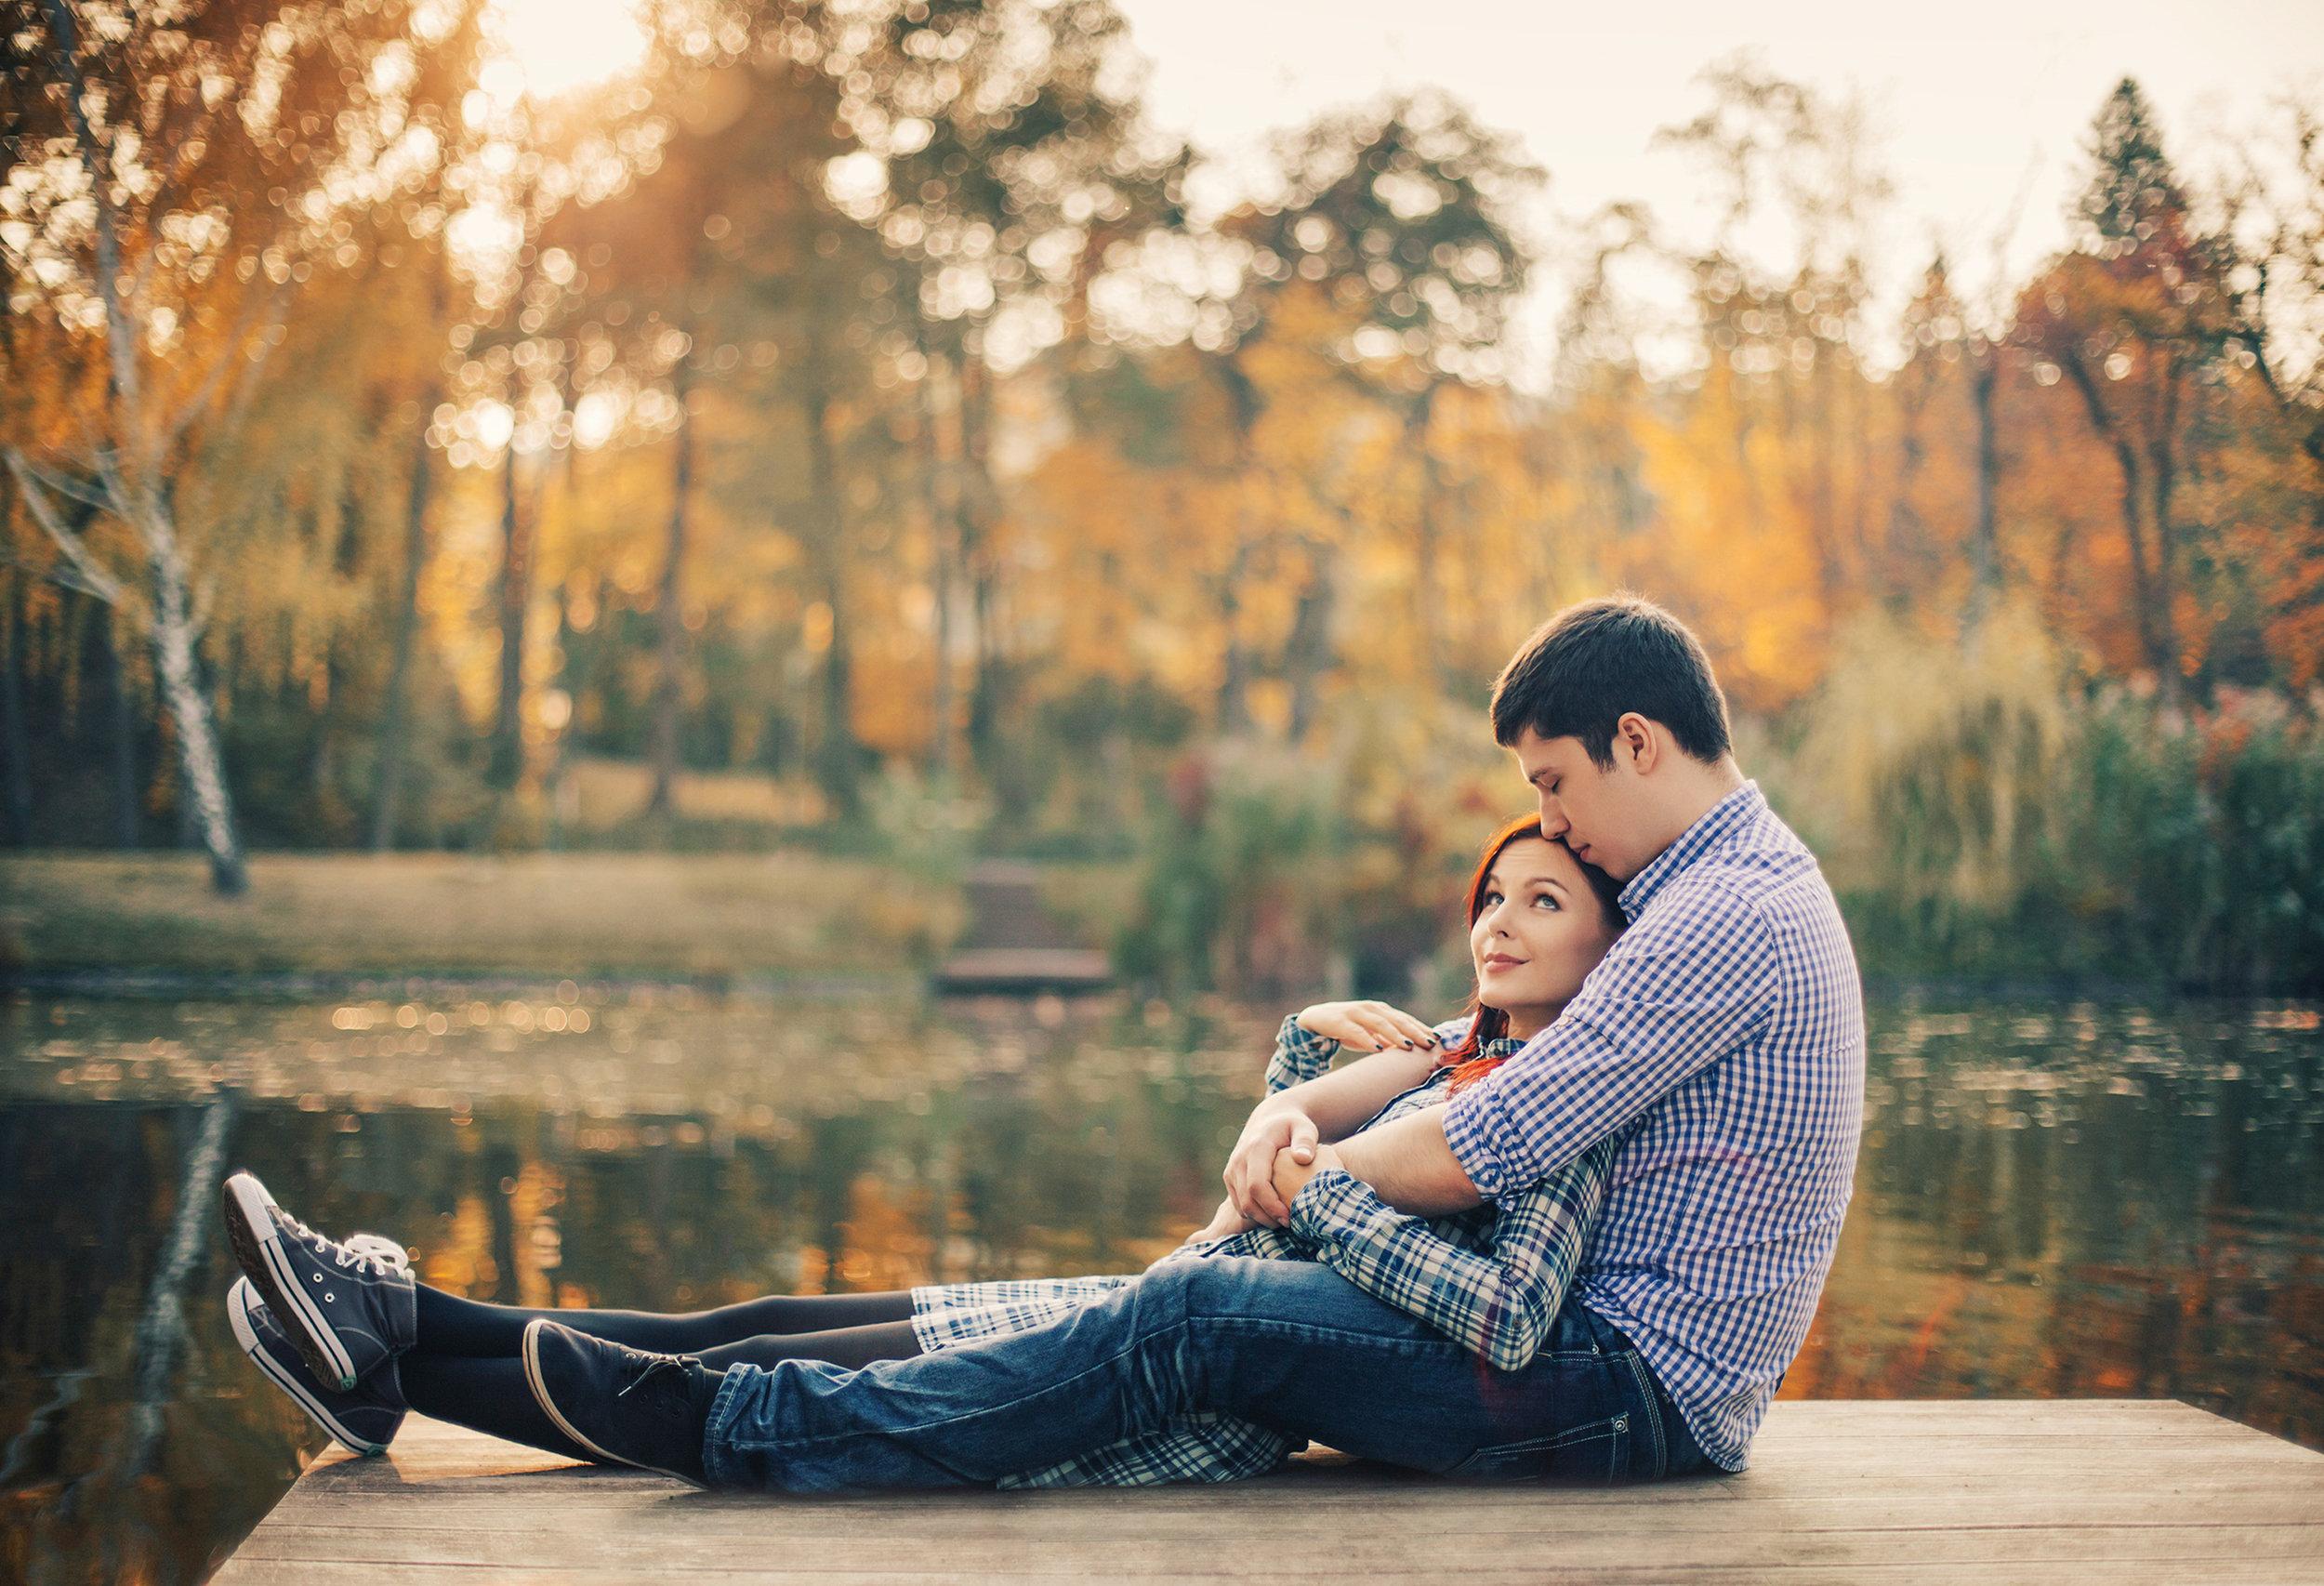 Site de rencontre cougar site rencontre parent solo extra conjugale forum